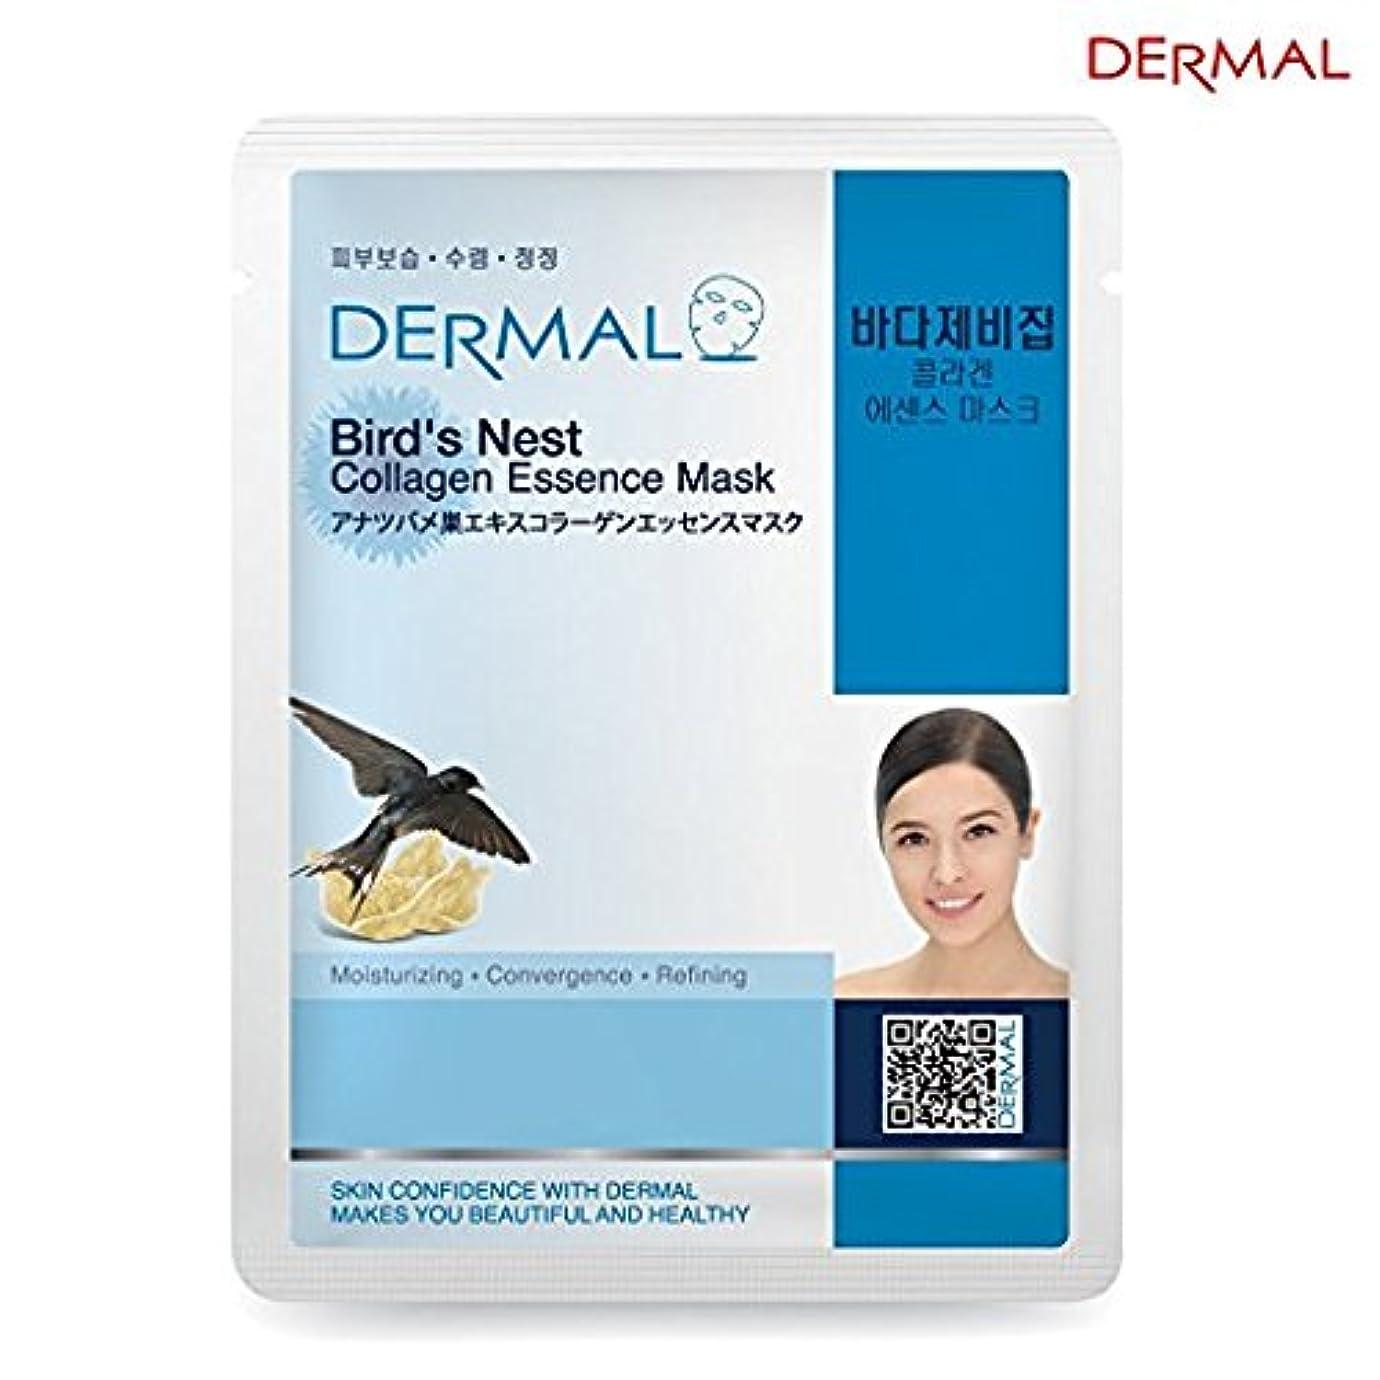 言うまでもなく最適どこかシート マスク アナツバメ巣エキス ダーマル Dermal 23g (10枚セット) 韓国コスメ コラーゲンエッセンスマスク フェイス パック